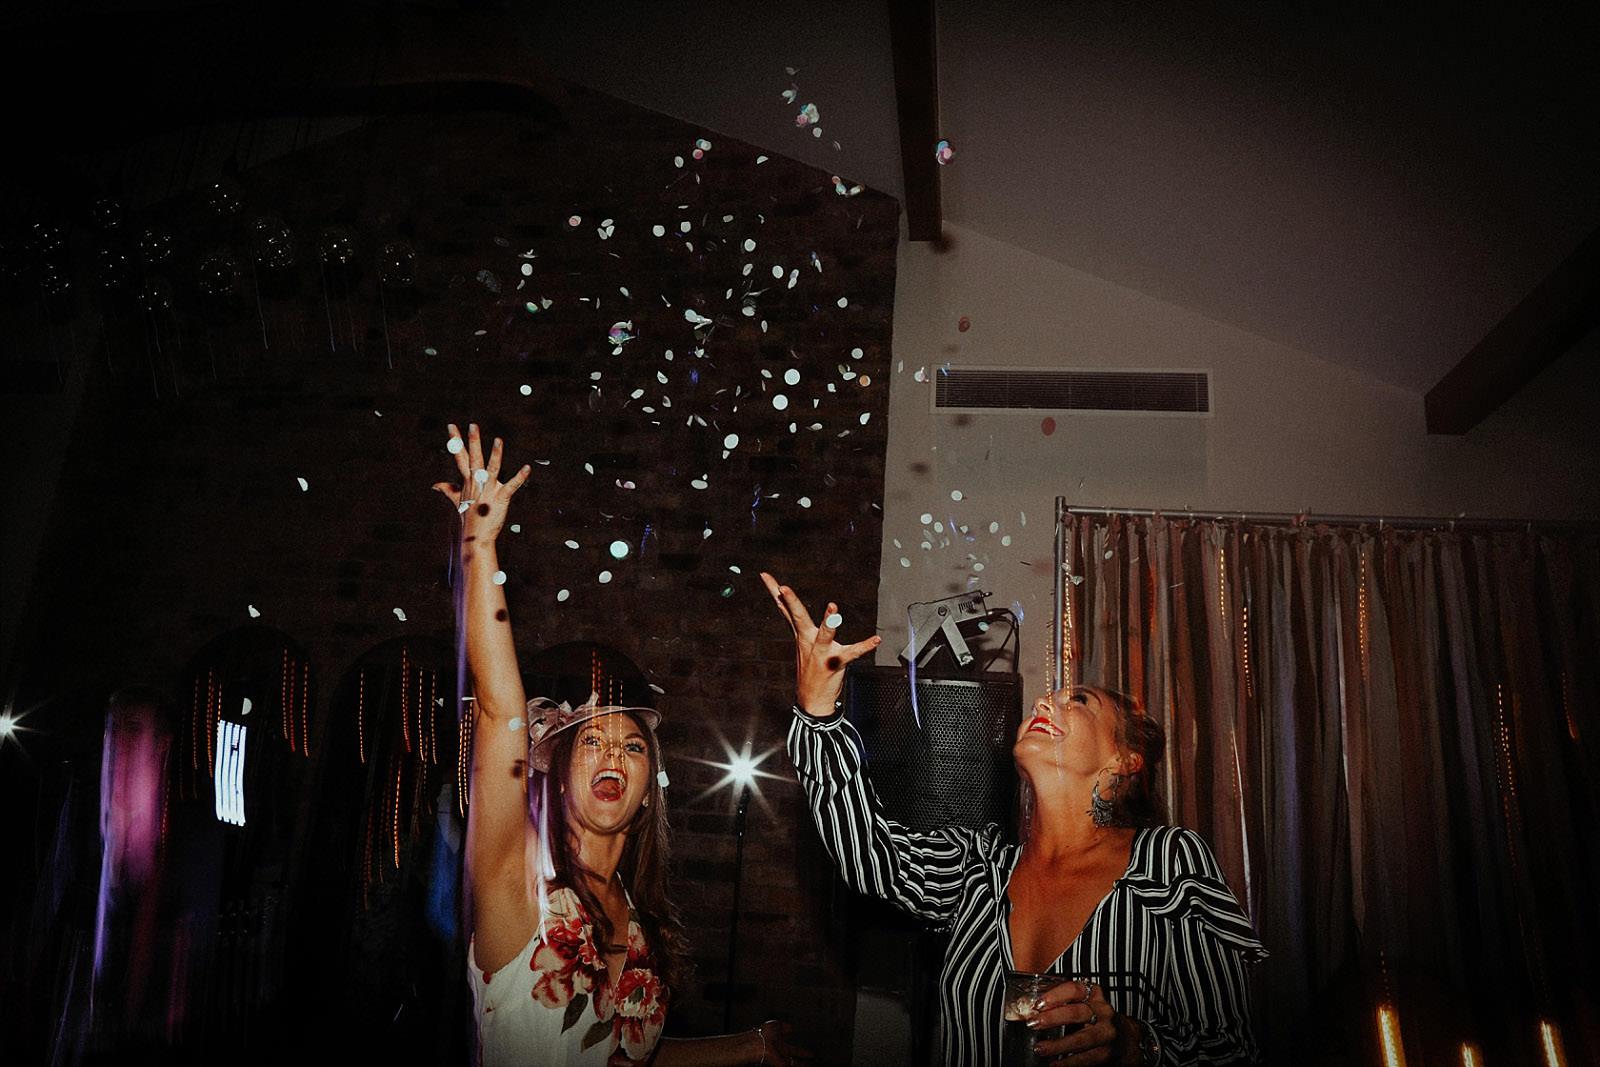 woman throw confetti in the air